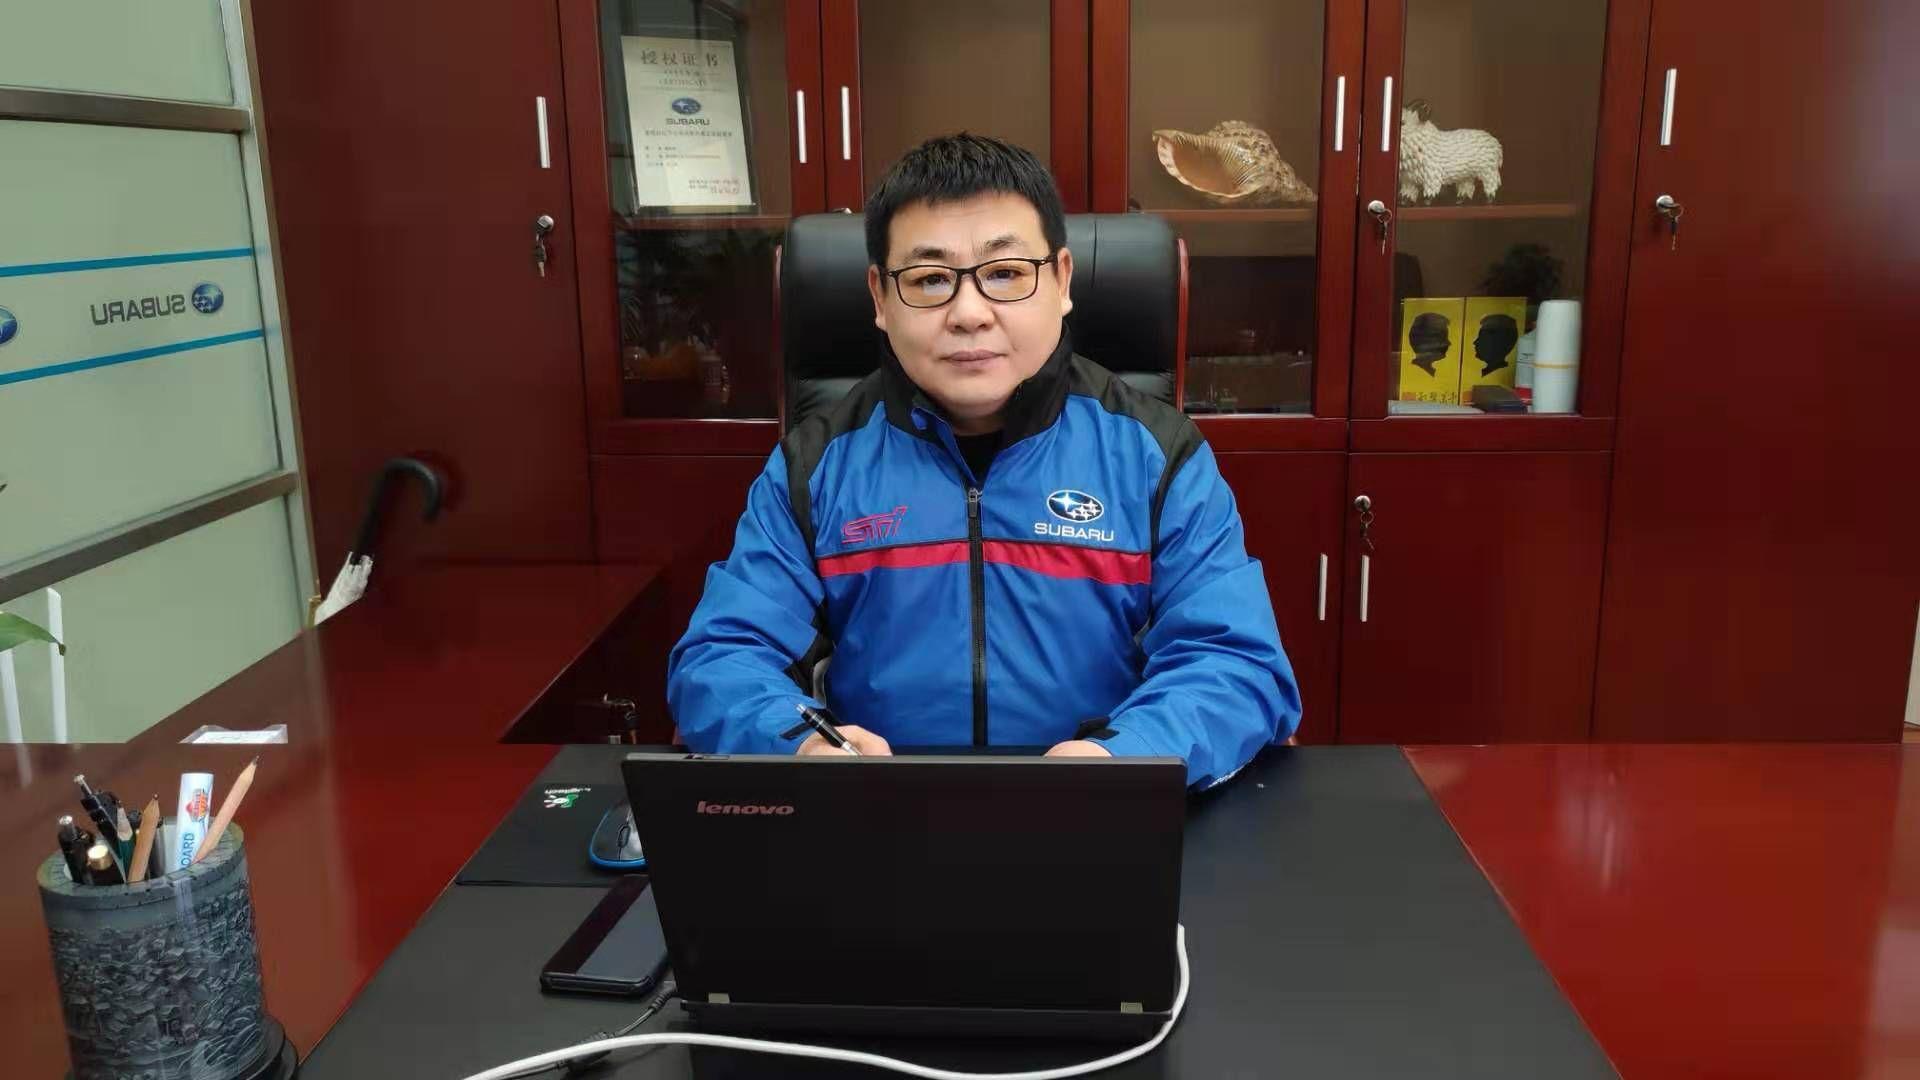 大咖专访 —— 长春中冀斯巴鲁总经理 孟凡金